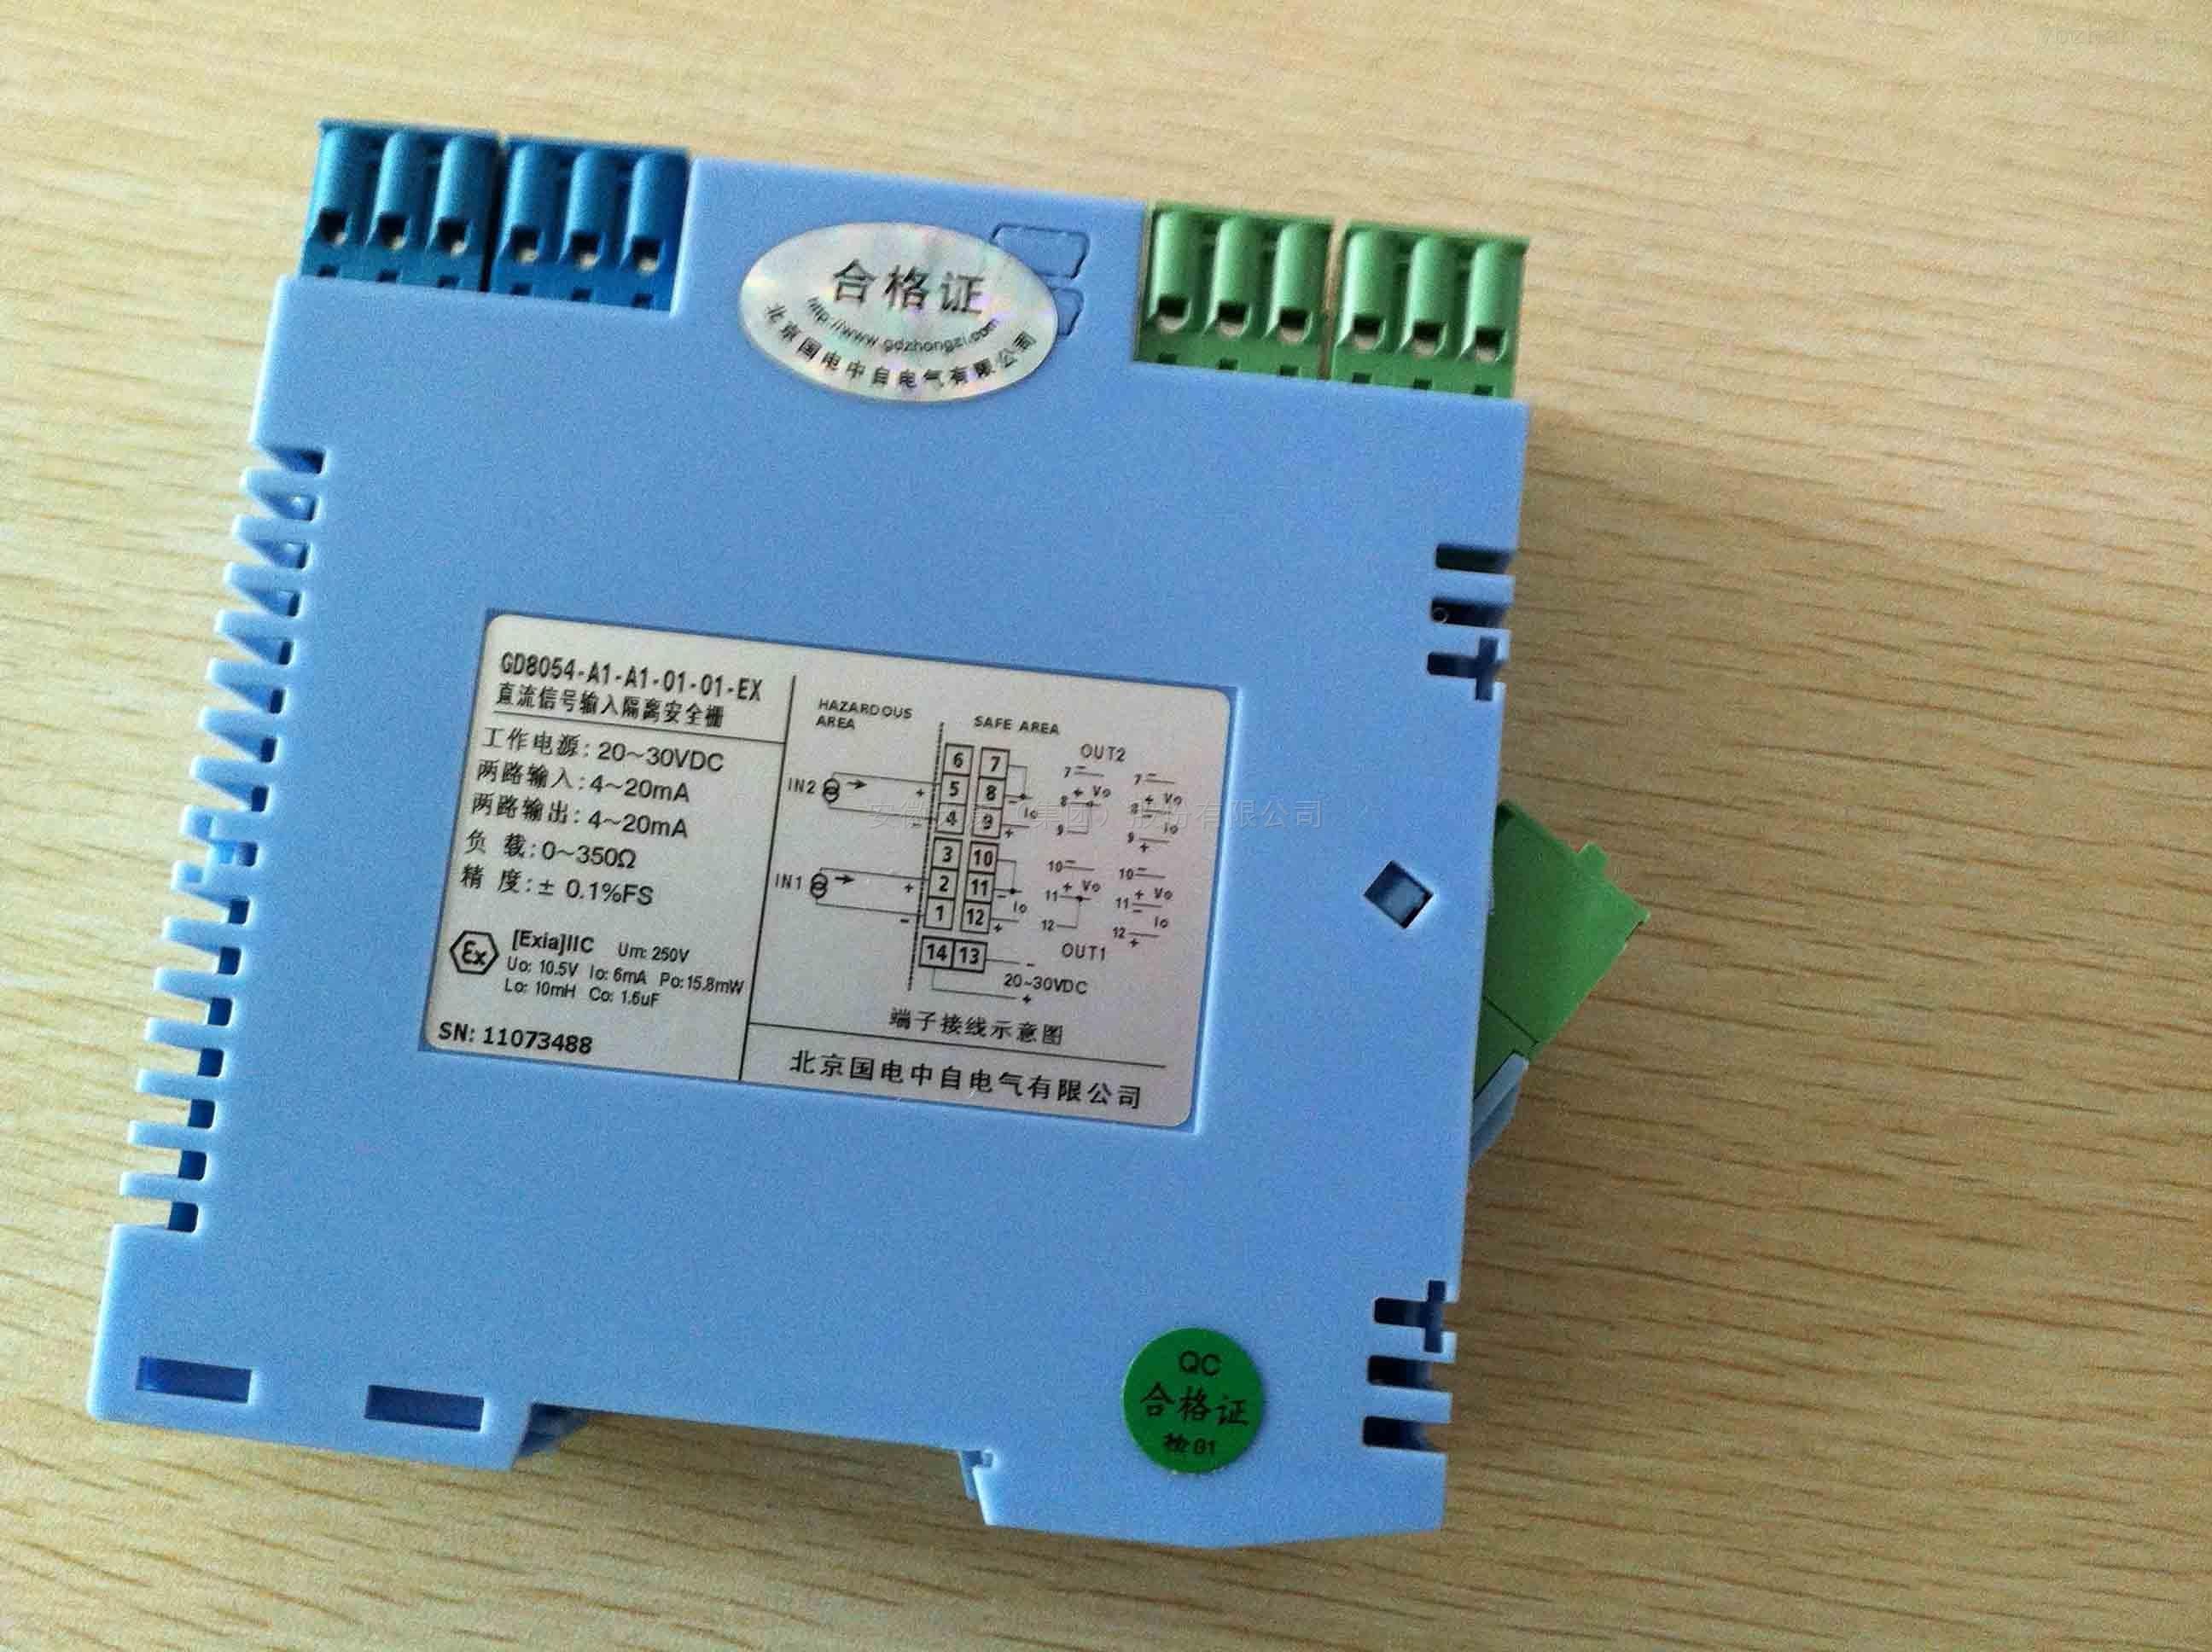 gd8083-ex gd8083-ex型隔离式安全栅